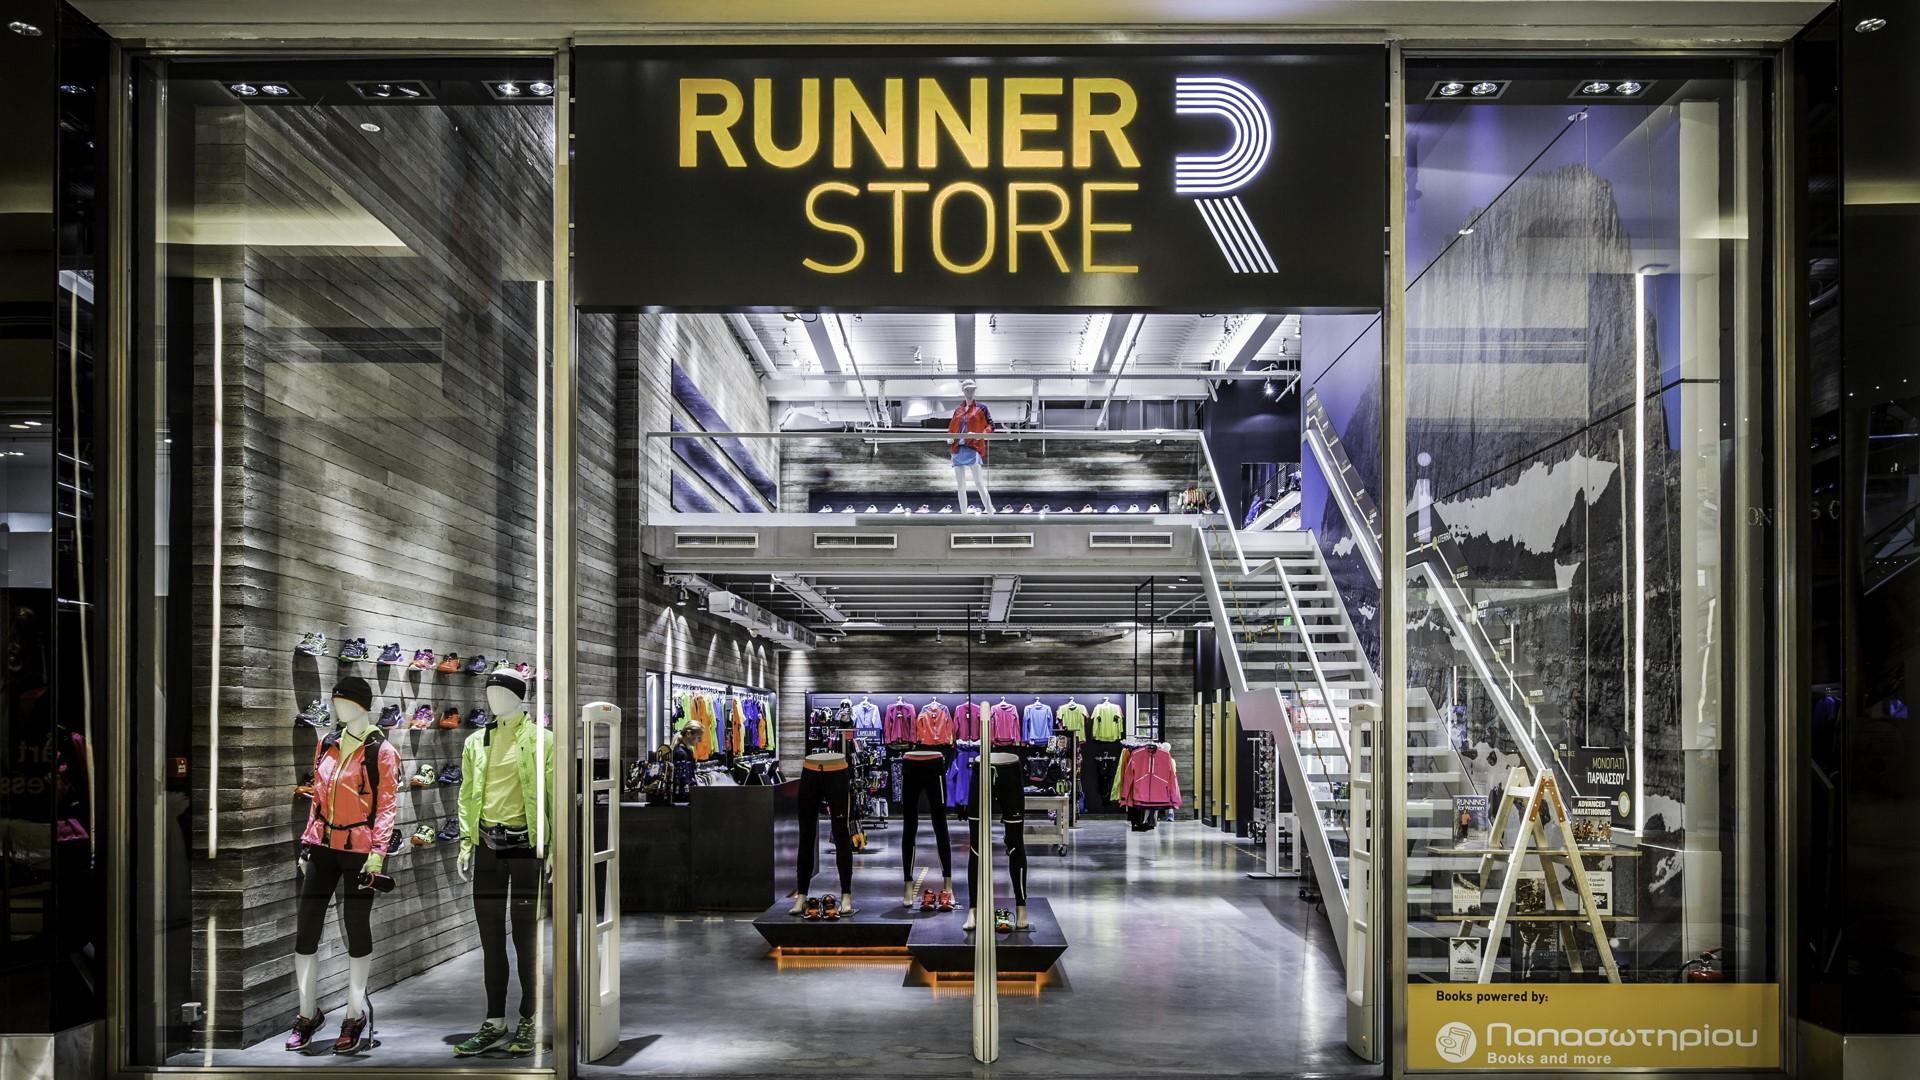 Runner Store G.H.